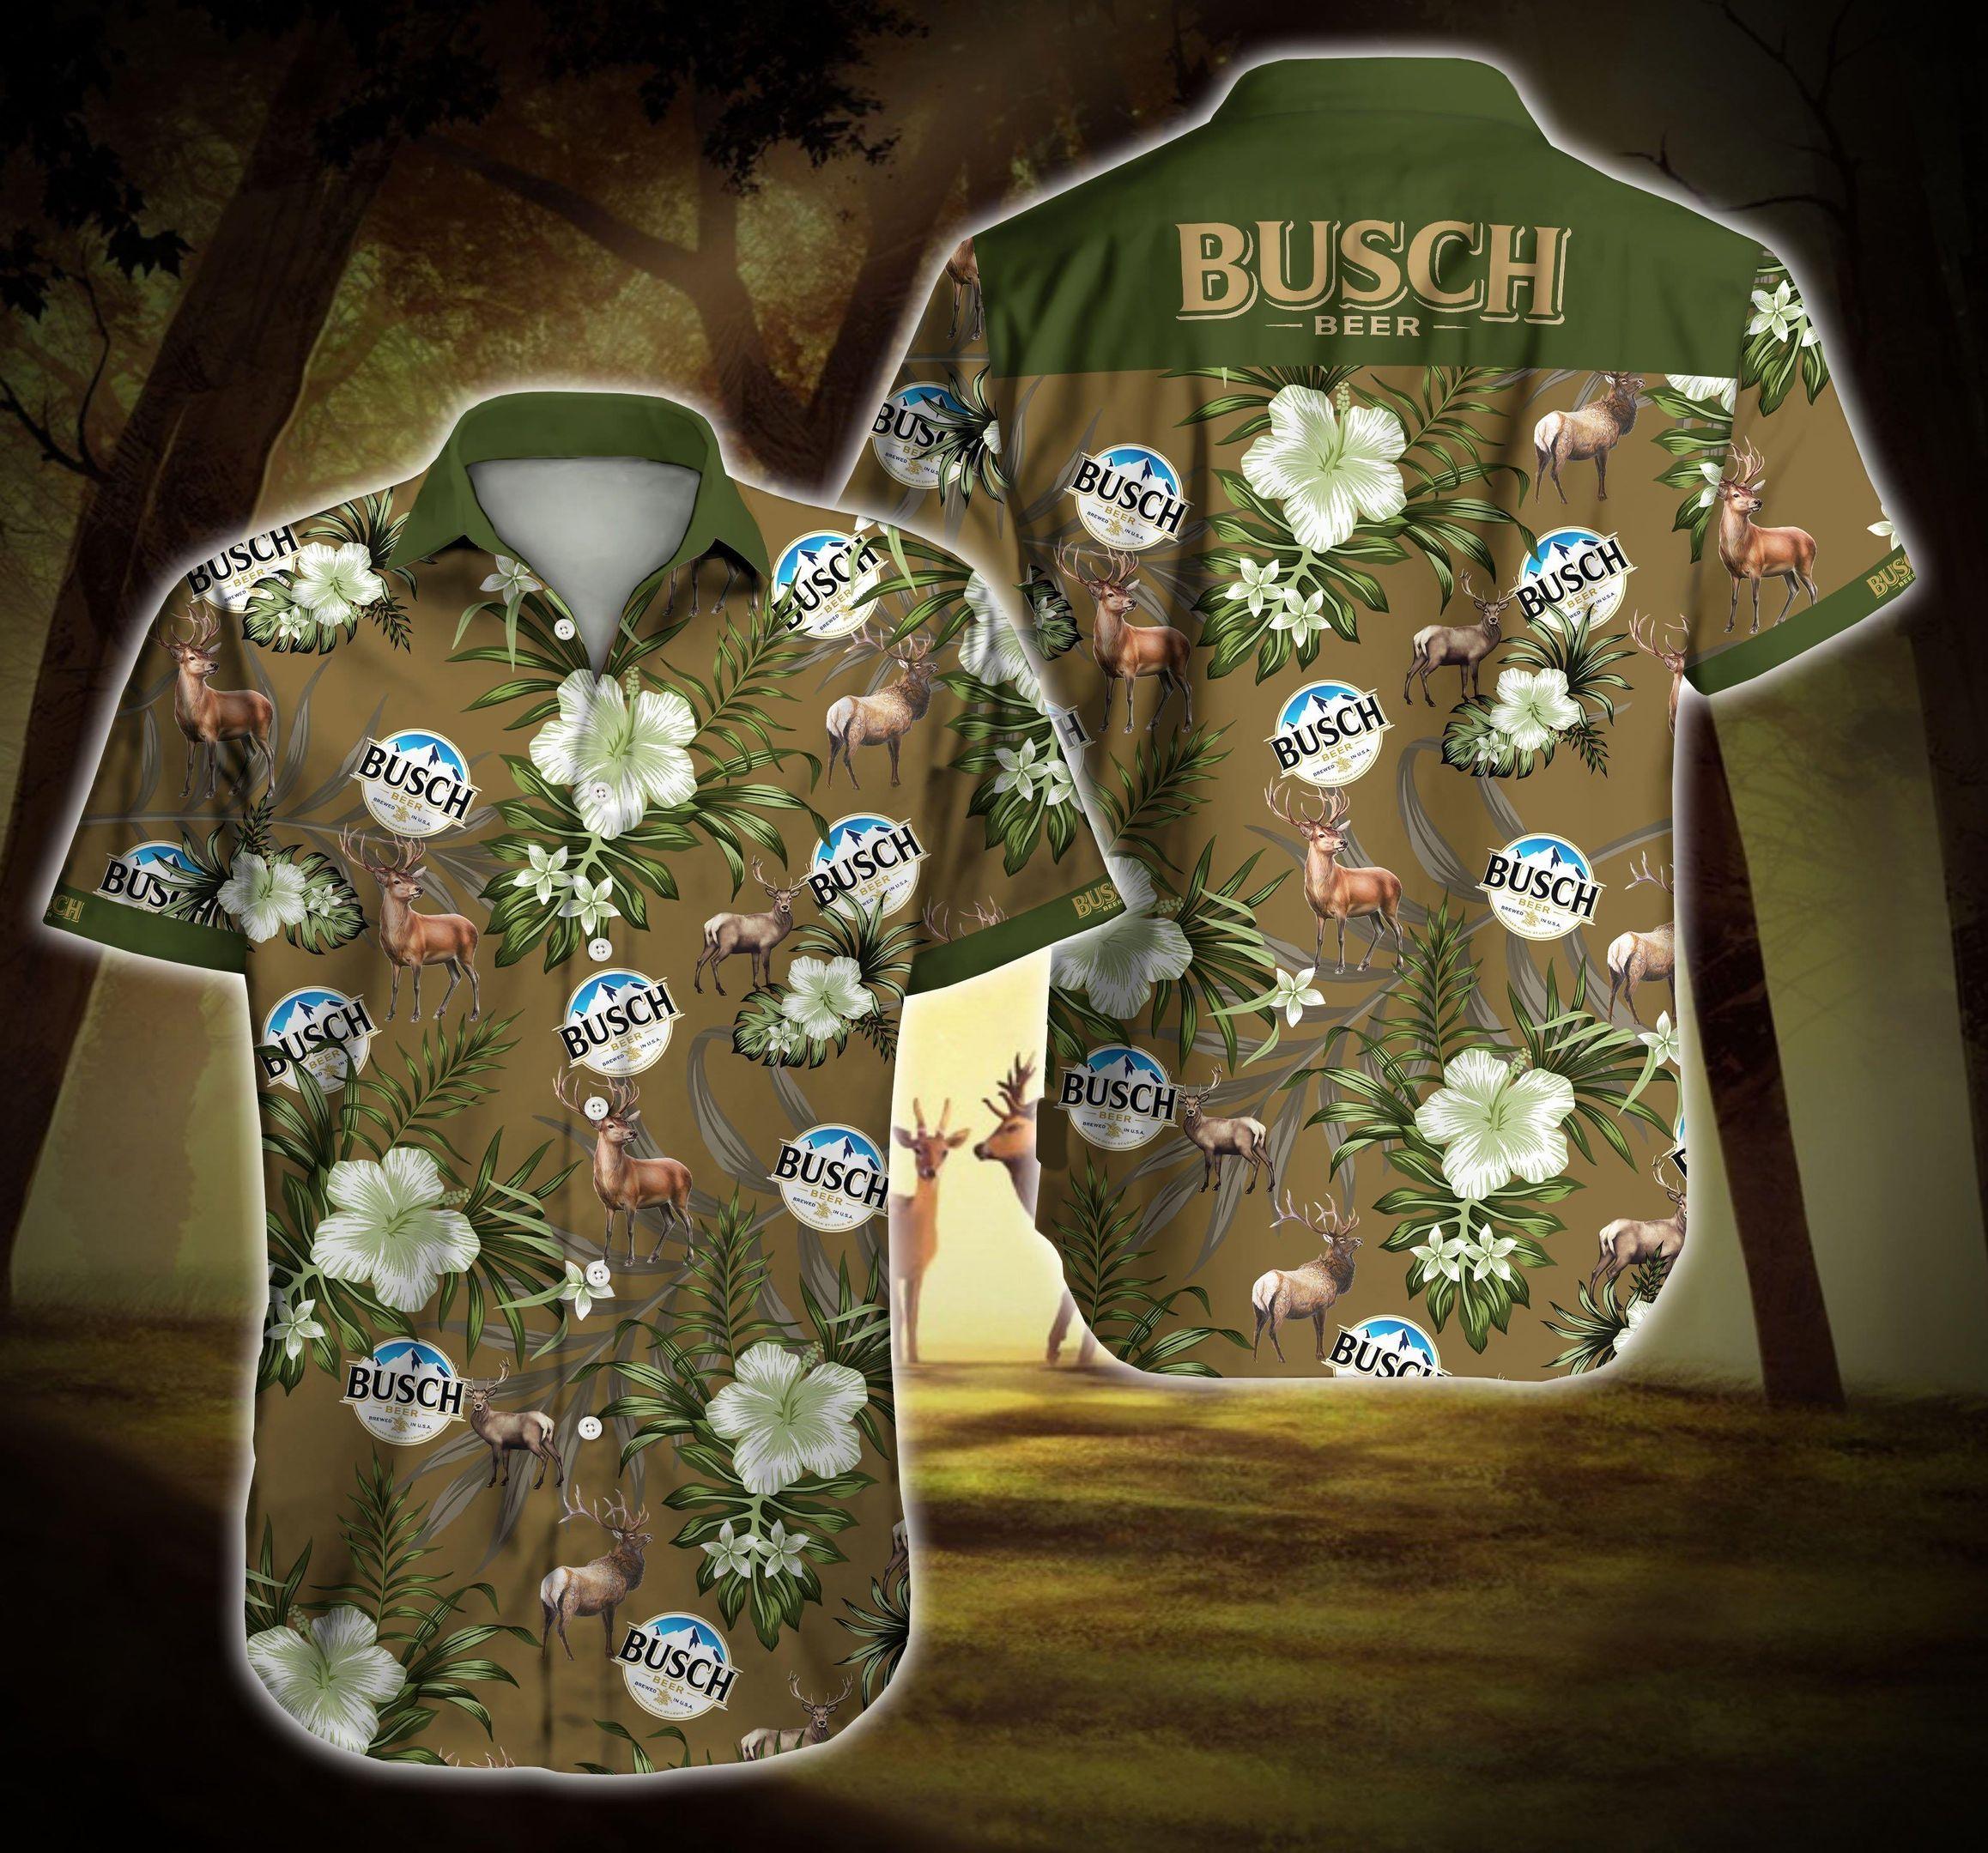 Busch Beer Deer Hawaii Shirt